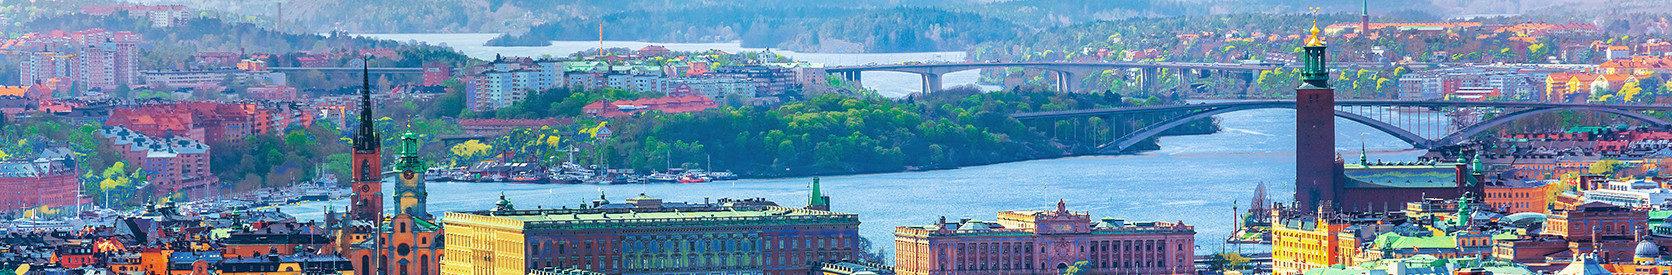 Vy över Stockholm en sommardag. Det är starka färger och man ser hustaken, Riddarholmskyrkan, Stockholms slott, Riksdagshuset, Stadshuset, Västerbron, Essingeleden och Mälarens infart i Stockholm.